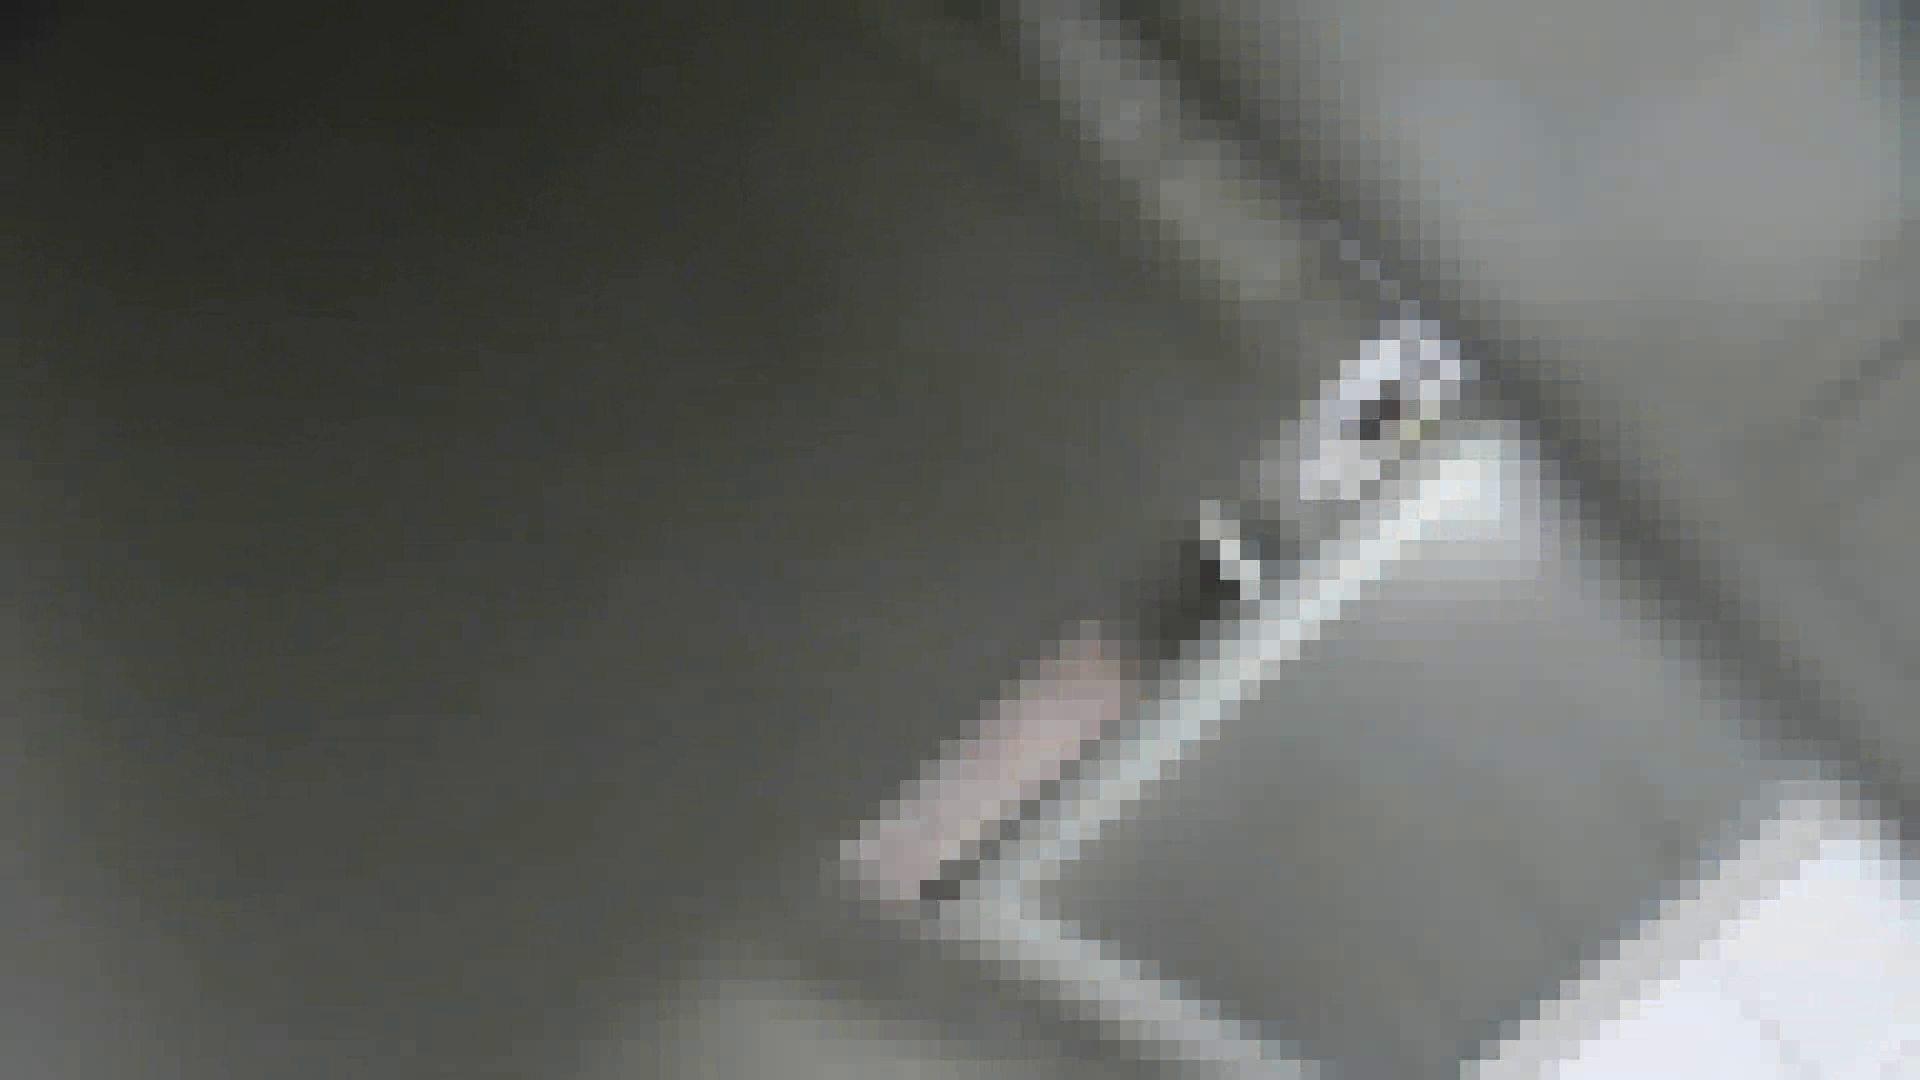 【美しき個室な世界】 vol.022 ヒクヒクさんたち OLの実態 | 洗面所  92pic 59